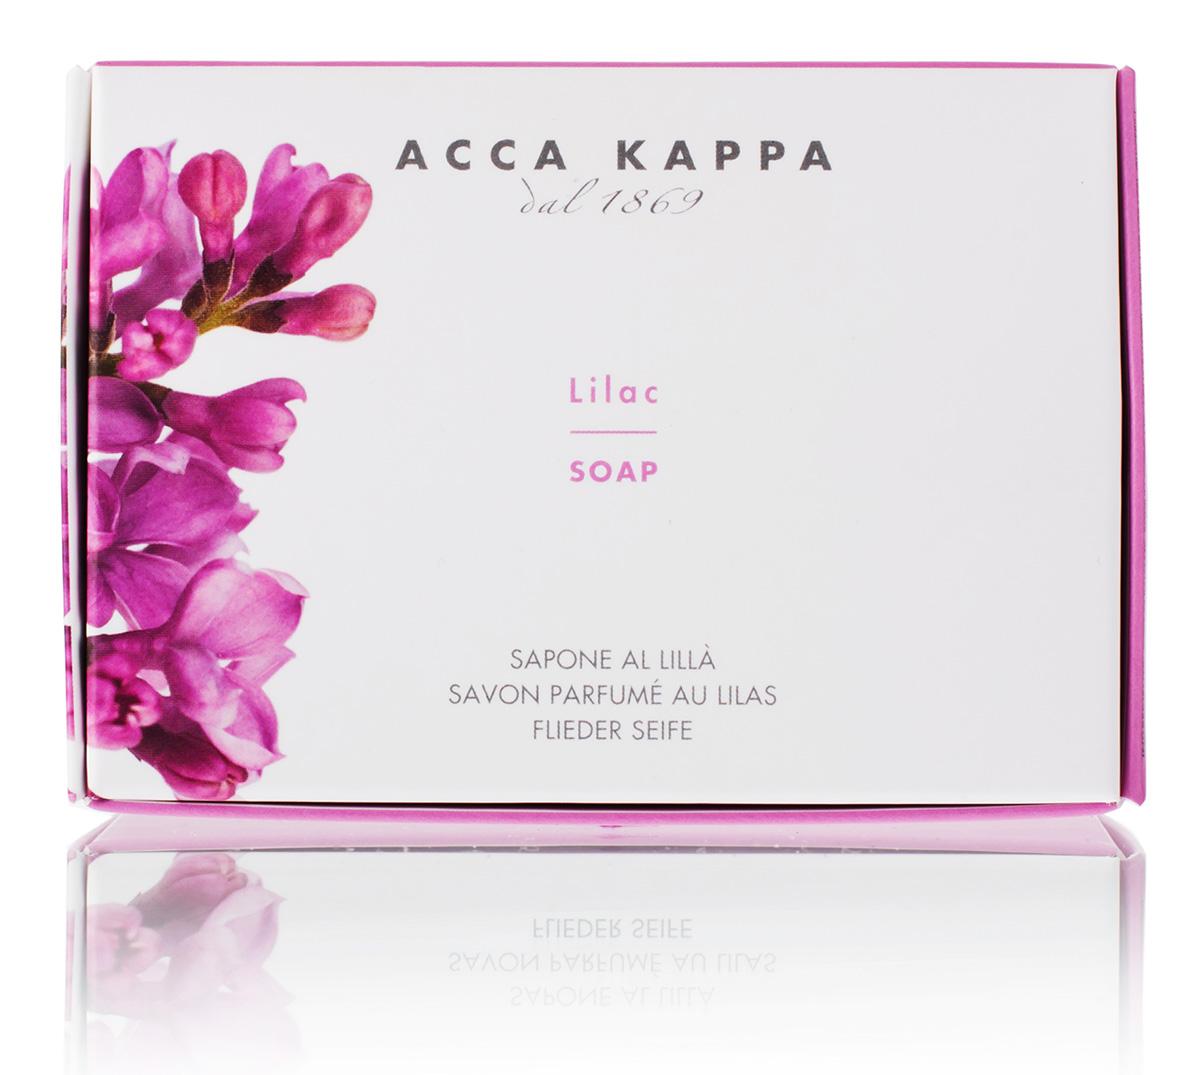 Acca Kappa Мыло туалетное Сирень 150 гр853359Мыло создано с использованием традиционных методов из сырья исключительно растительного происхождения.